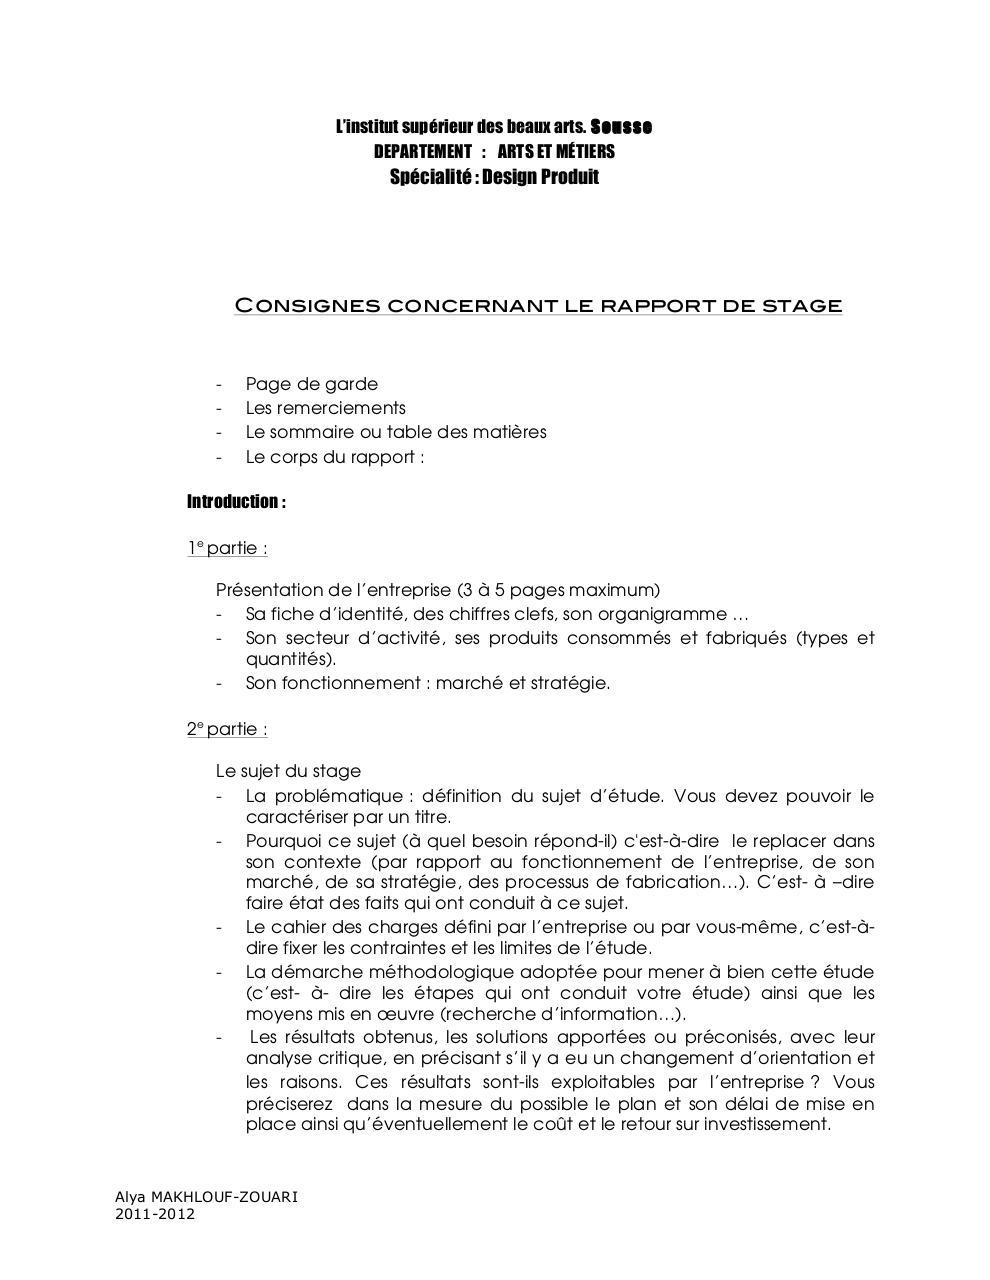 Rapport De Stage 2012 Docx Rapport De Stage 2012 Pdf